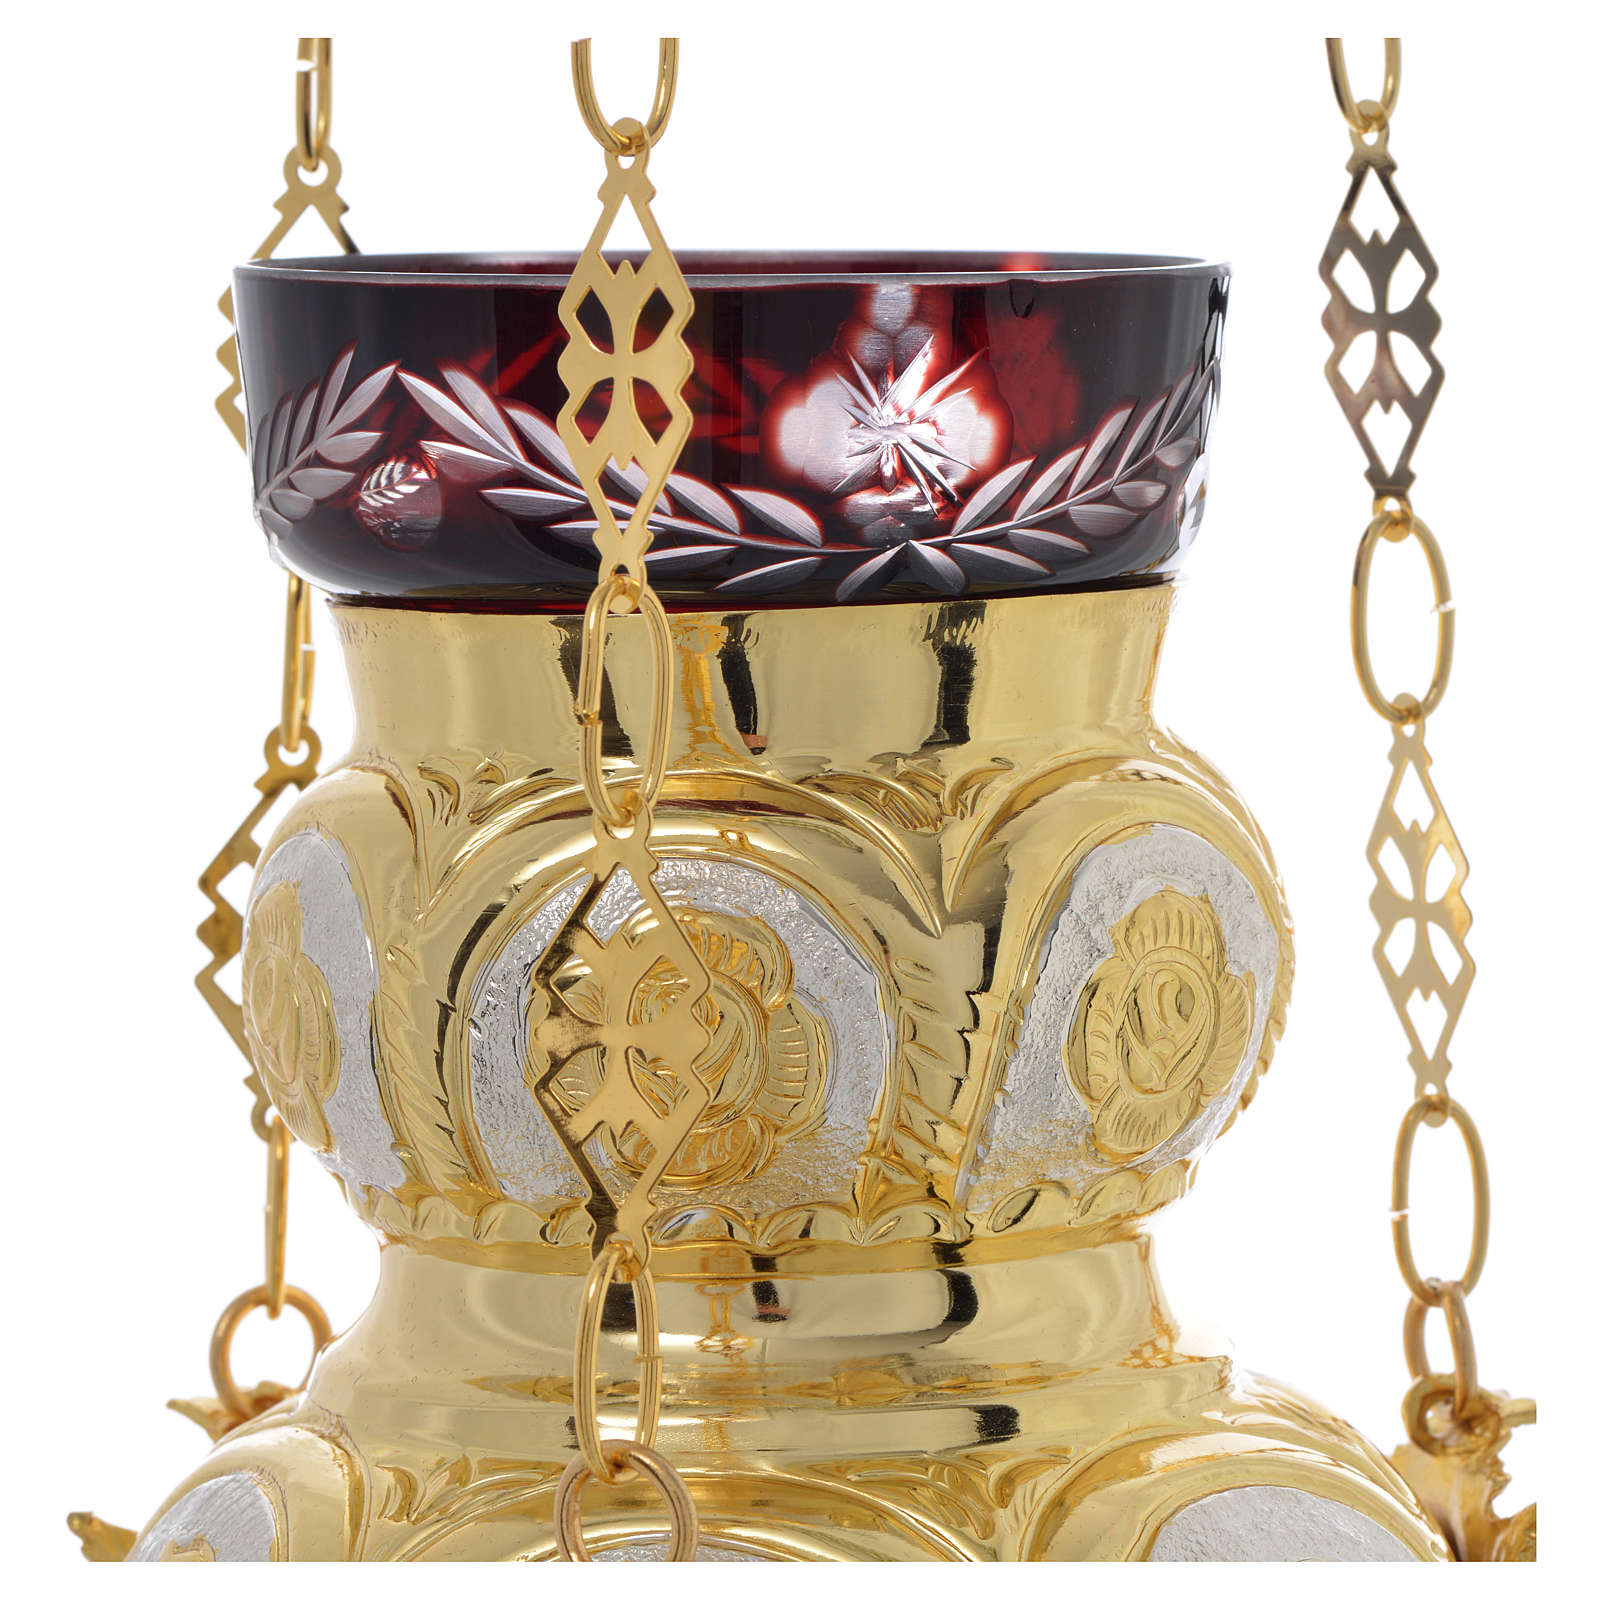 Lampe Très-Saint-Sacrement orthodoxe dorée 14x12 cm 3